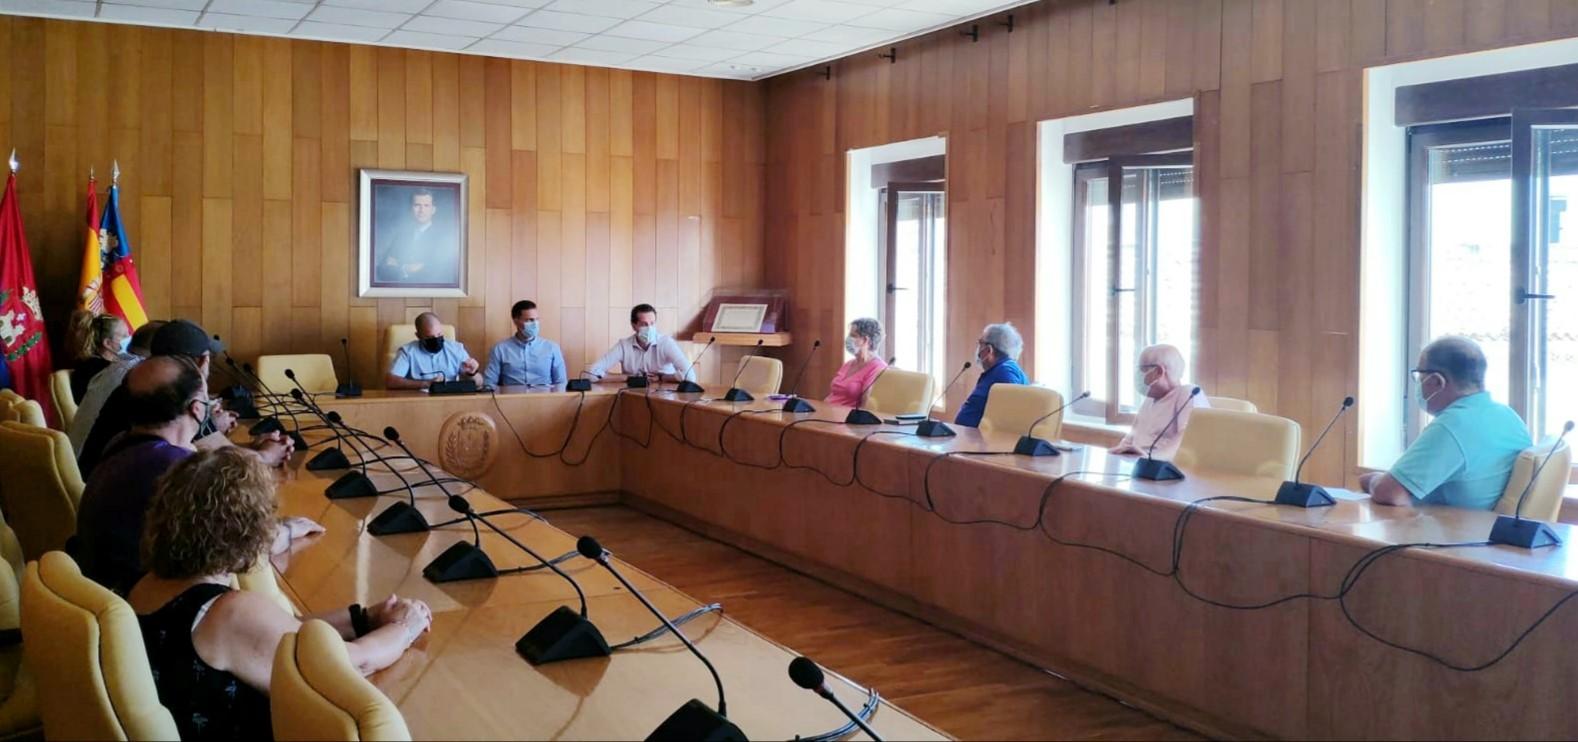 El Ayuntamiento de Elda se reúne con las Asociaciones de Vecinos para trasladarles la propuesta de actividades infantiles en los barrios durante las Fiestas Mayores